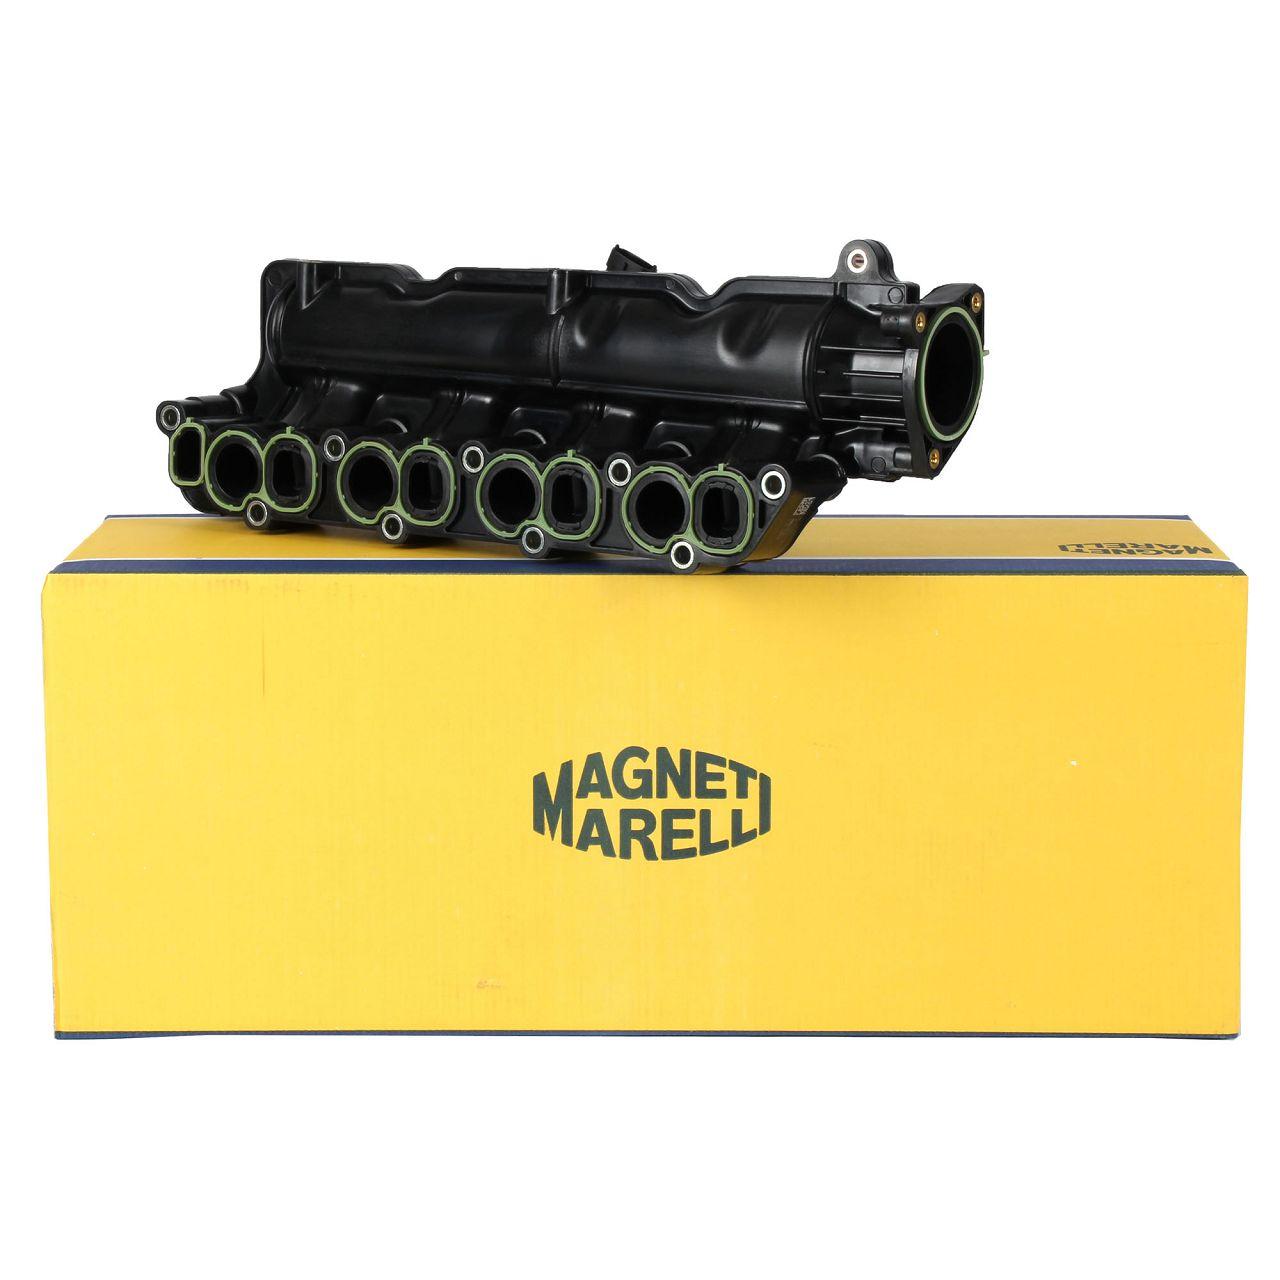 MAGNETI MARELLI Ansaugstutzen für OPEL COMBO (X12) 1.6 CDTI 90/101/105 PS